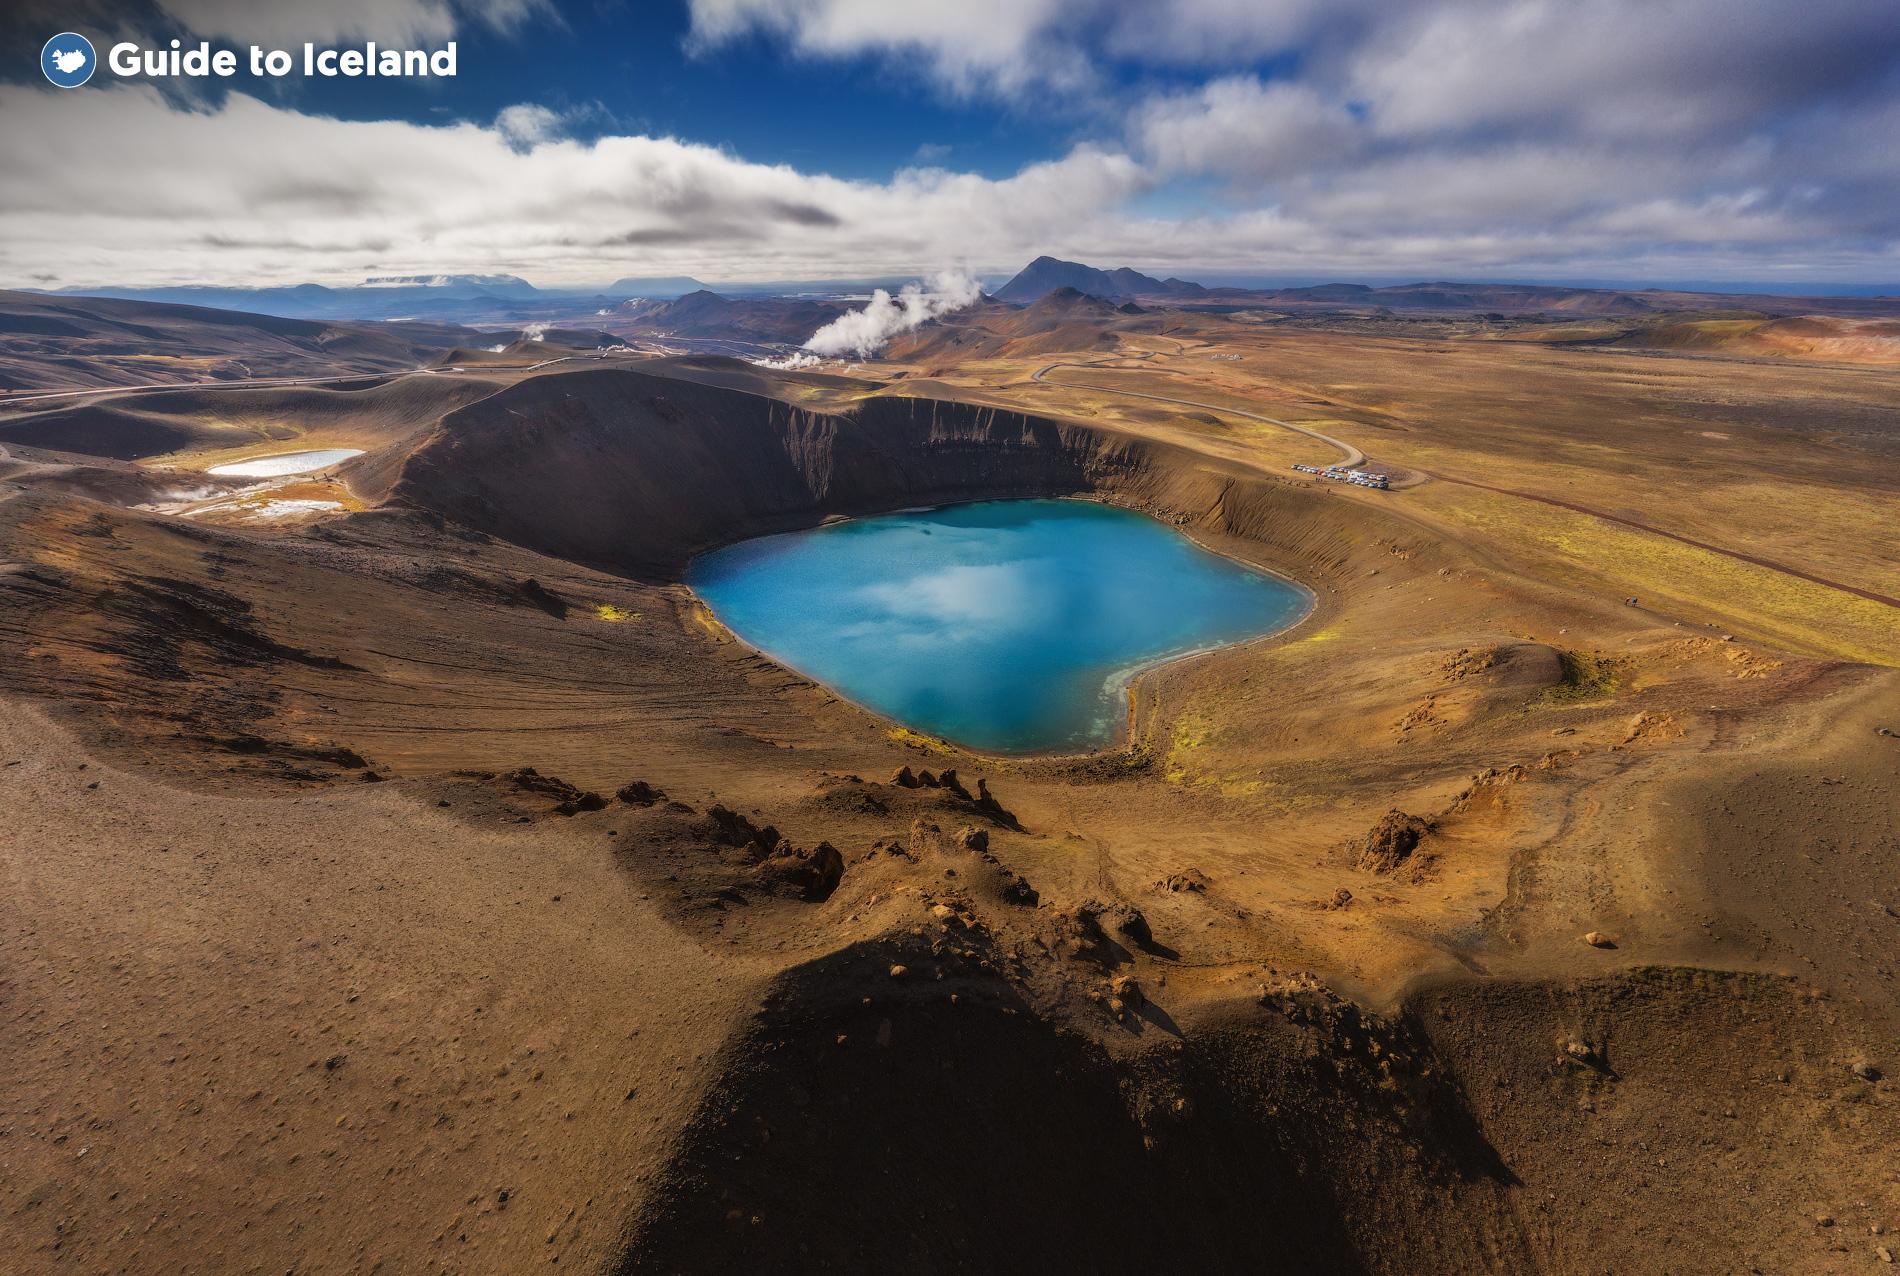 Die Schlucht Asbyrgi liegt im geothermalen Norden von Island.